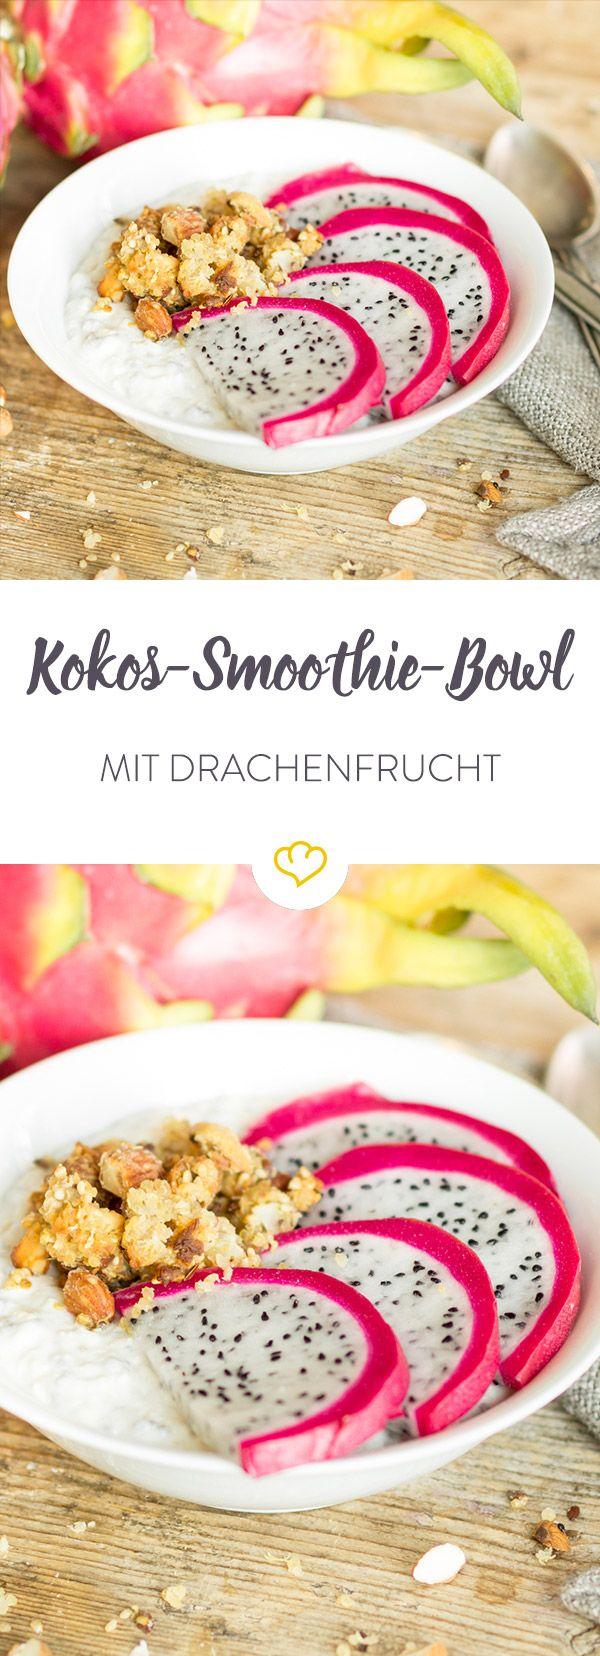 Kokos-Smoothie-Bowl mit Quinoa Crispies und Drachenfrucht #fruitsmoothie